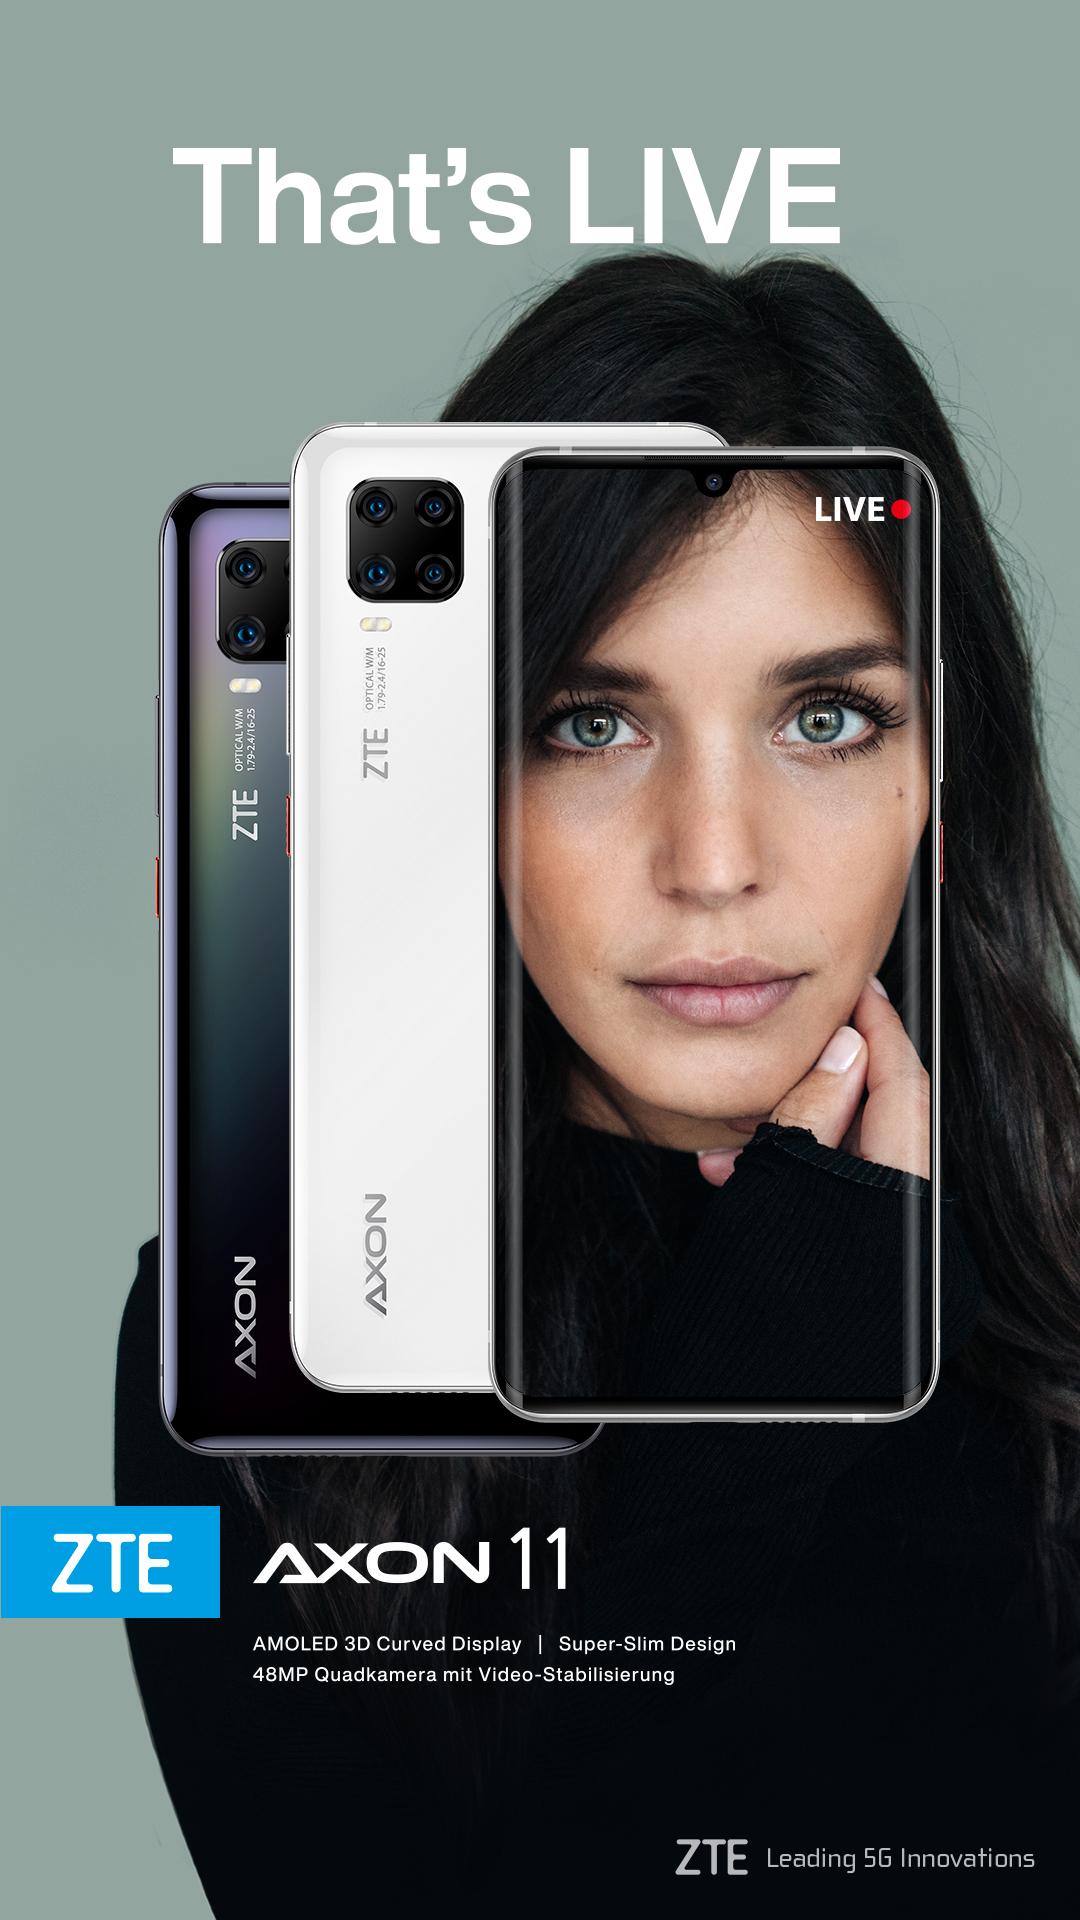 schwarzes und weißes Smartphone mit Frau